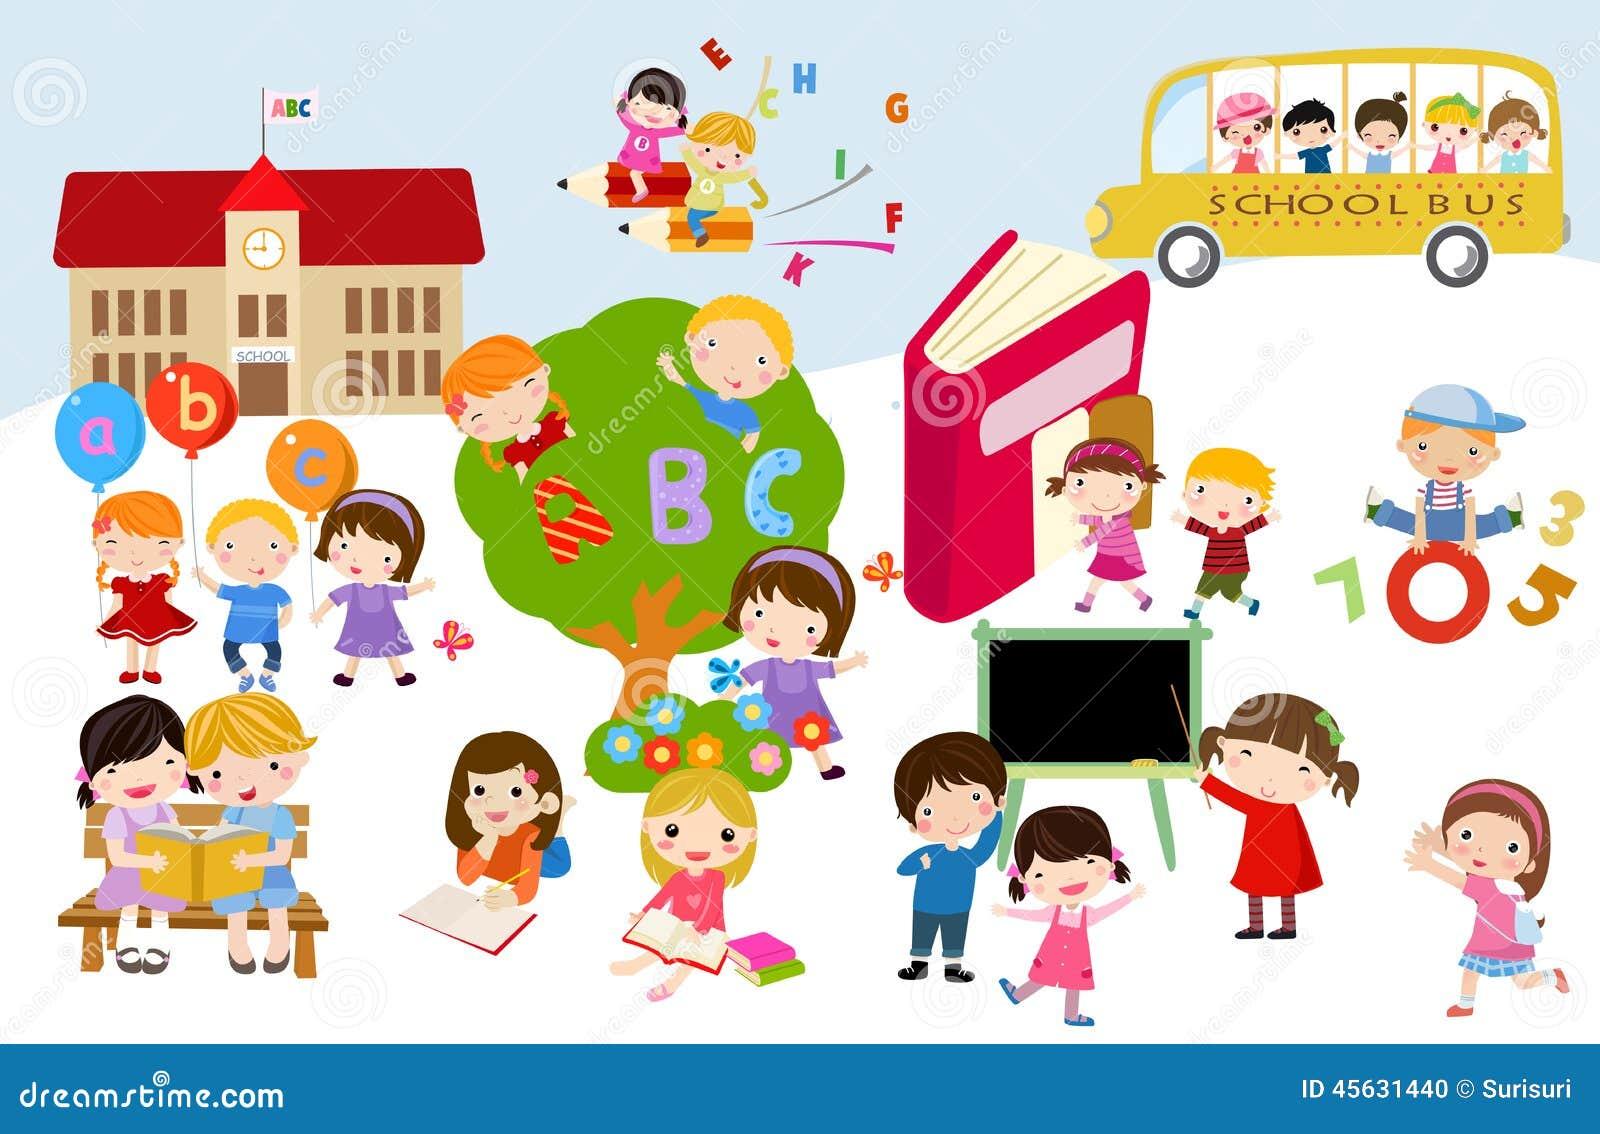 Top Bambini e scuola illustrazione vettoriale. Immagine di carattere  EZ63